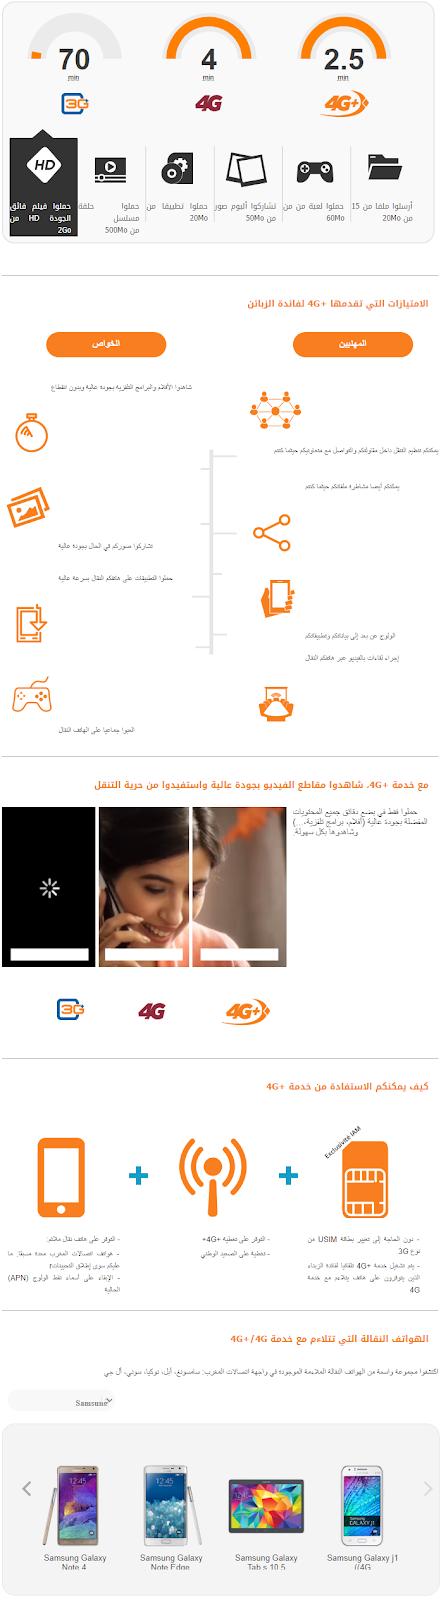 انفوجرافيك الجيل الرابع 4G+ إتصالات المغرب